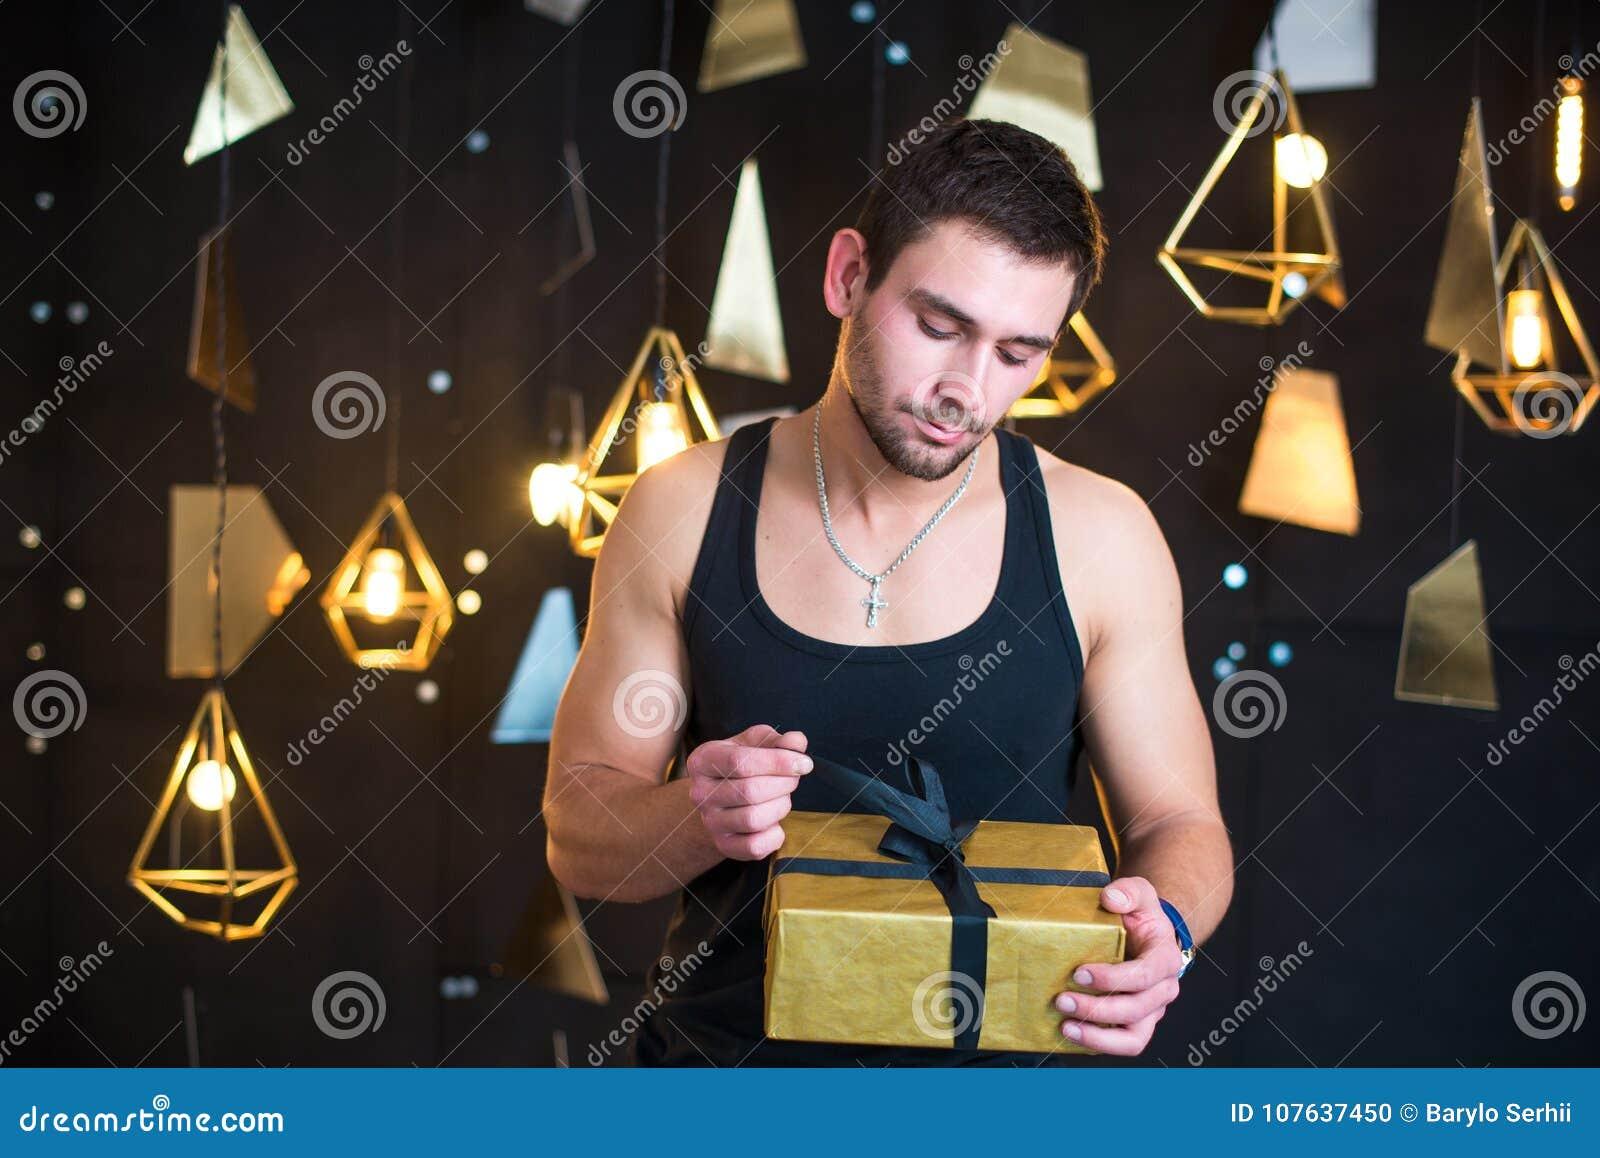 Przystojny mężczyzna w czarnym podkoszulku bez rękawów trzyma prezent w jej rękach, otwiera prezent, teraźniejszość